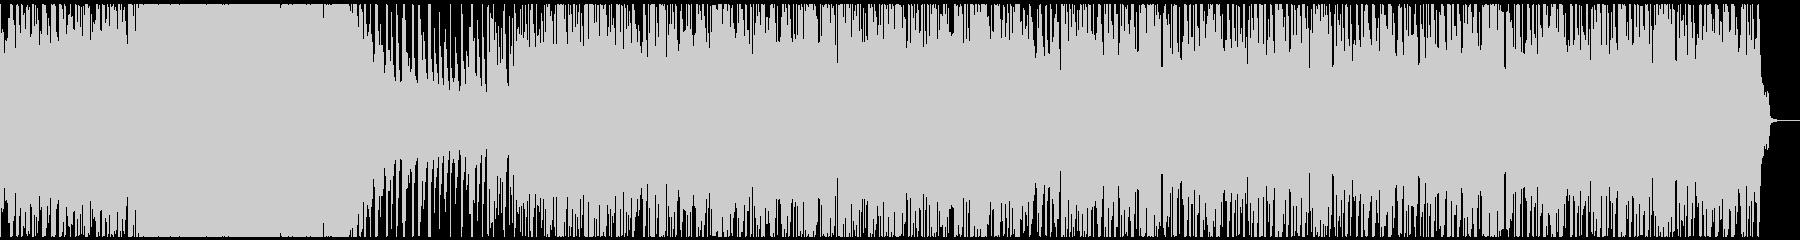 オーロラをイメージした曲のつもりですの未再生の波形